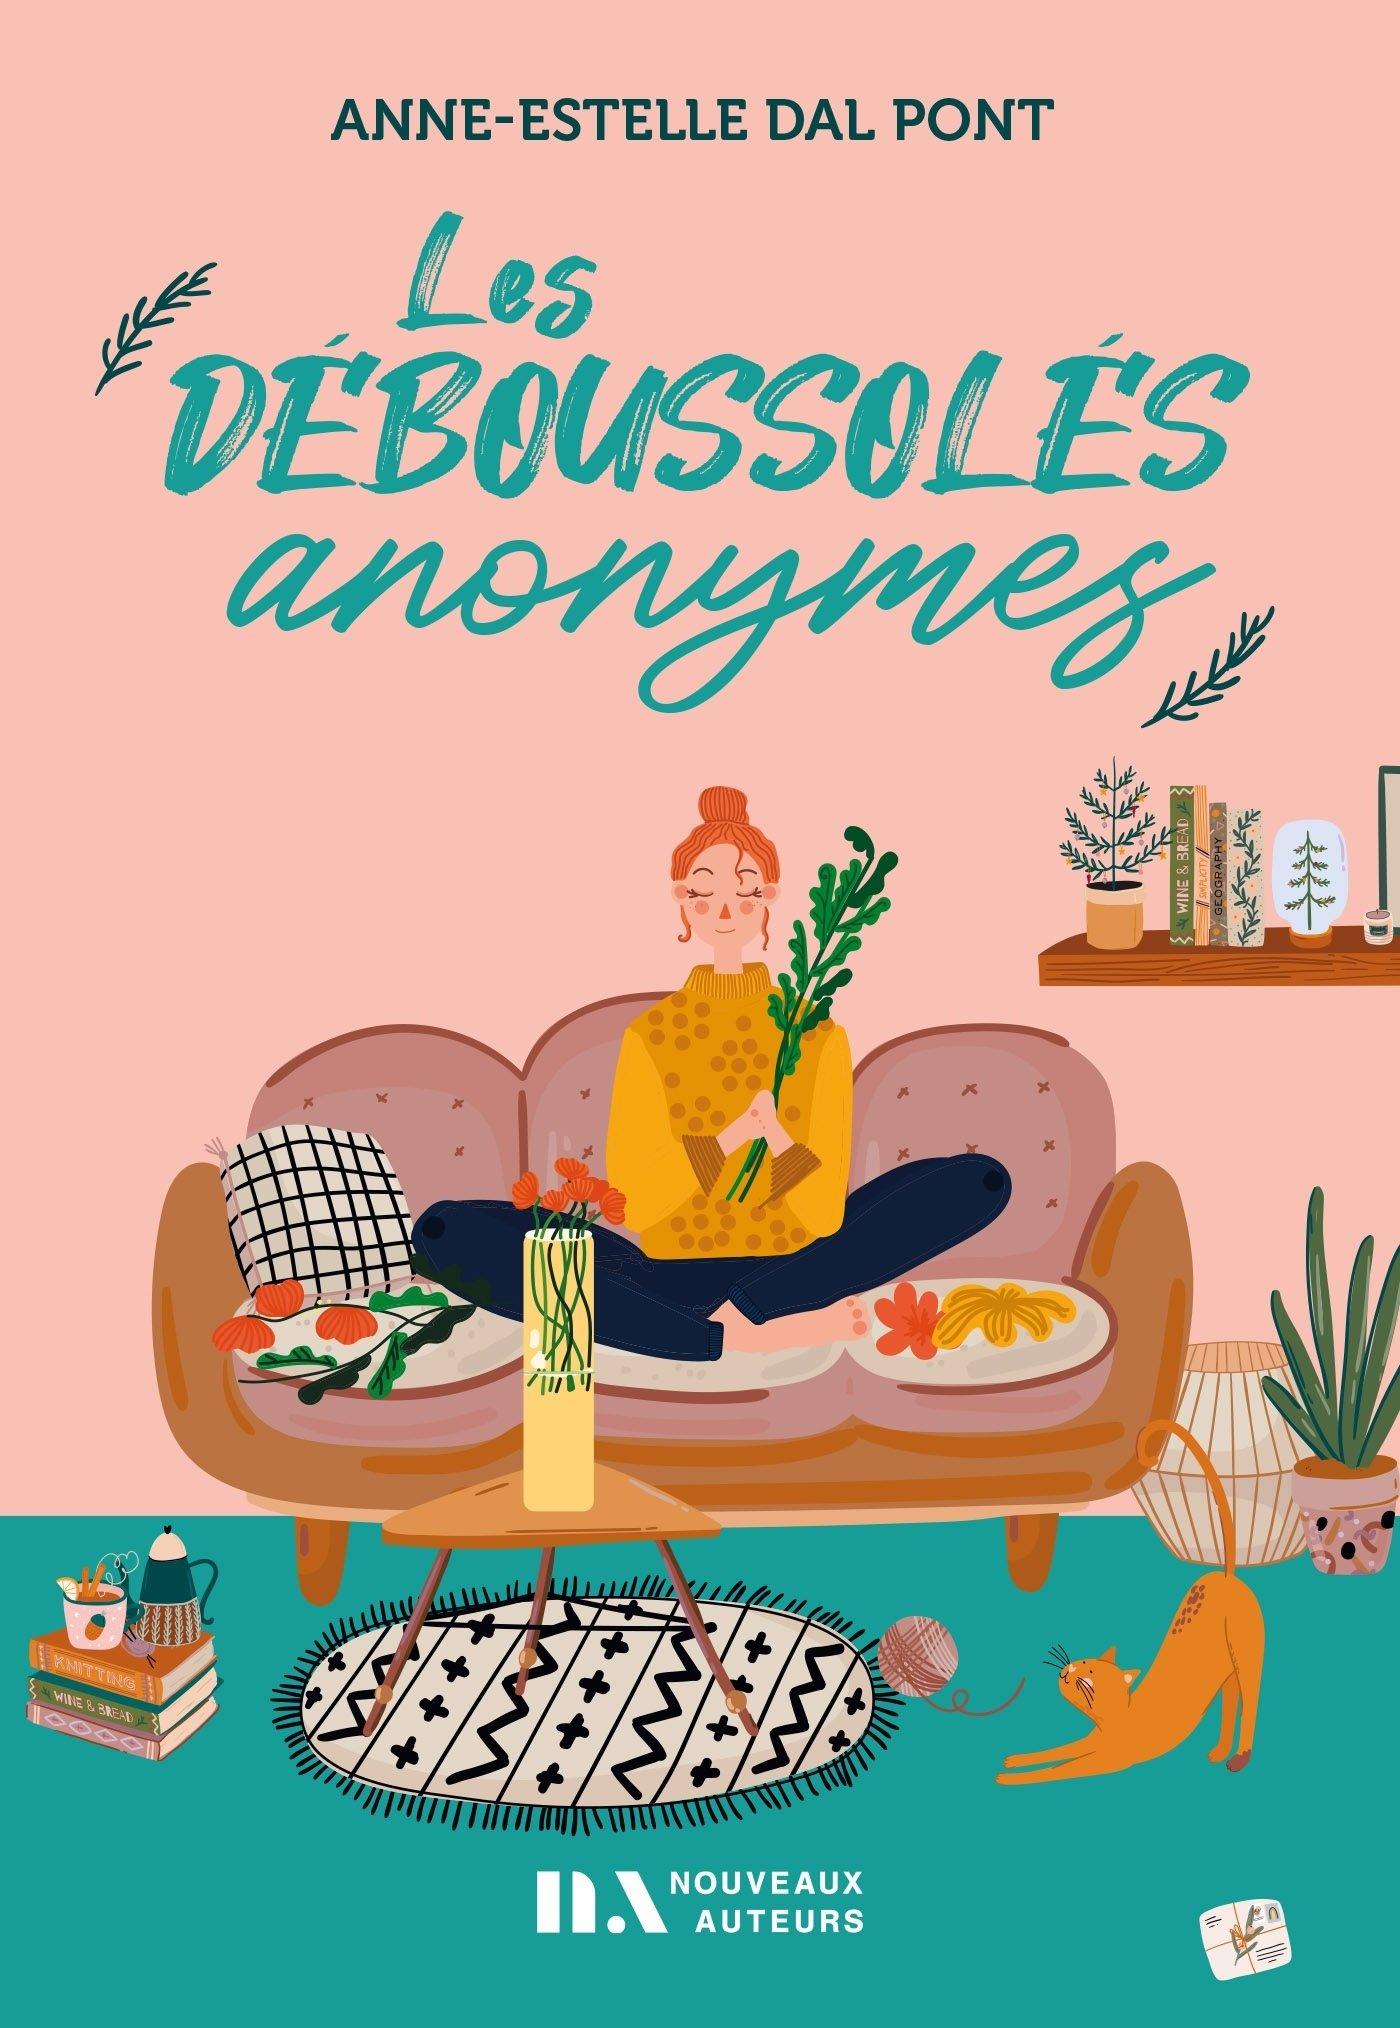 les deboussolés anonymes2